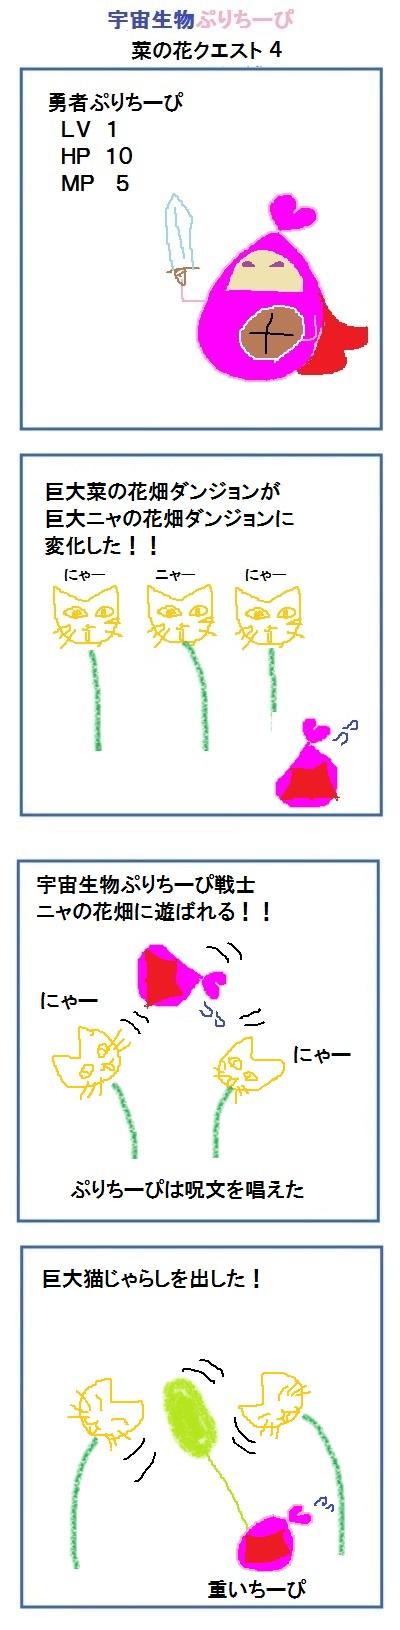 160317菜の花クエスト4